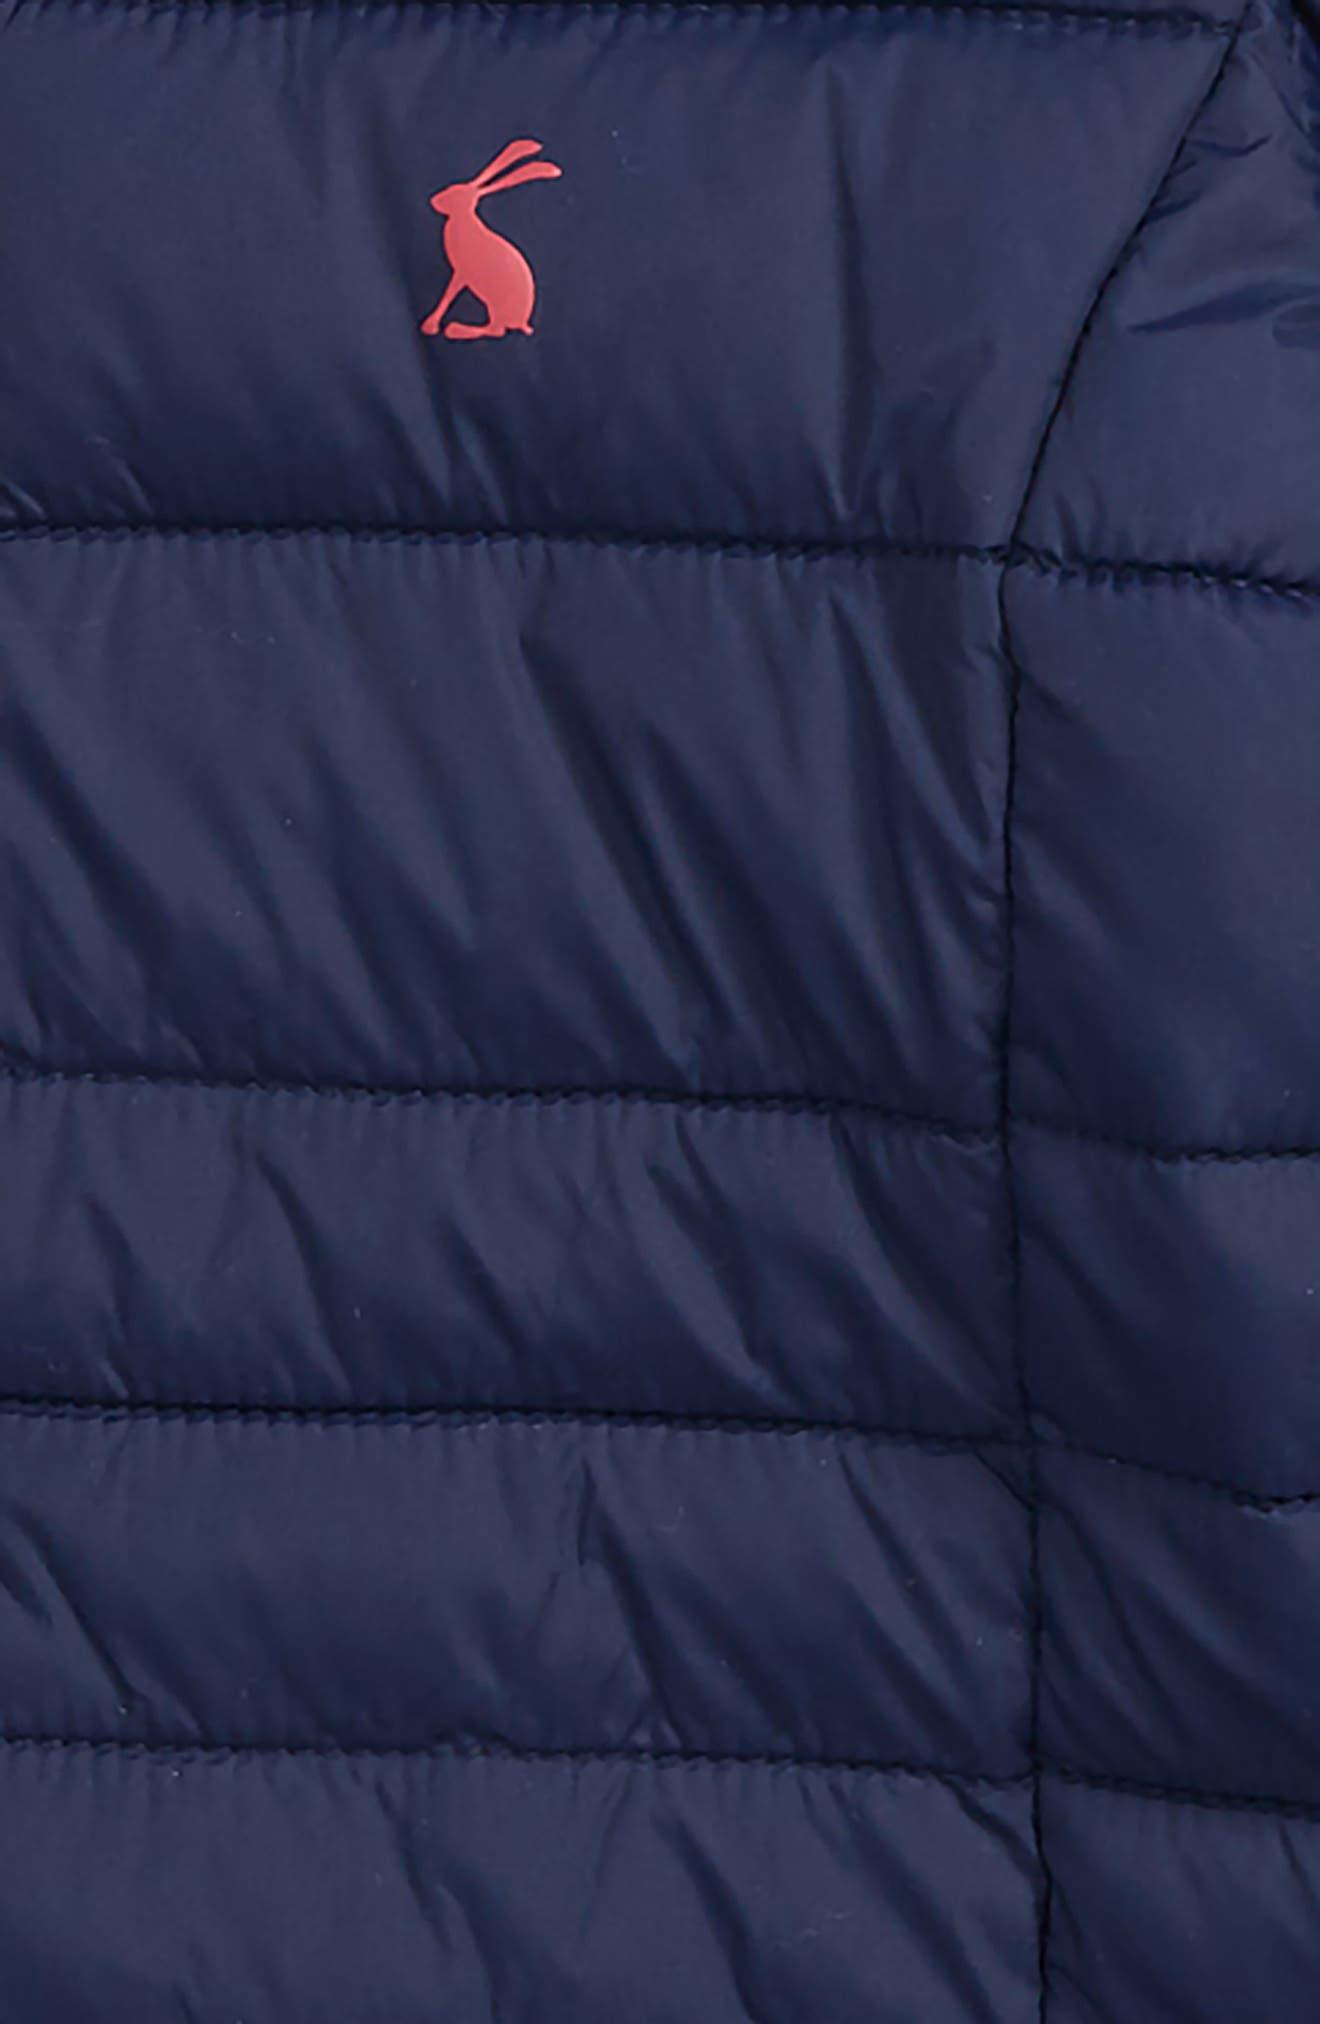 Packaway Hooded Jacket,                             Alternate thumbnail 2, color,                             411